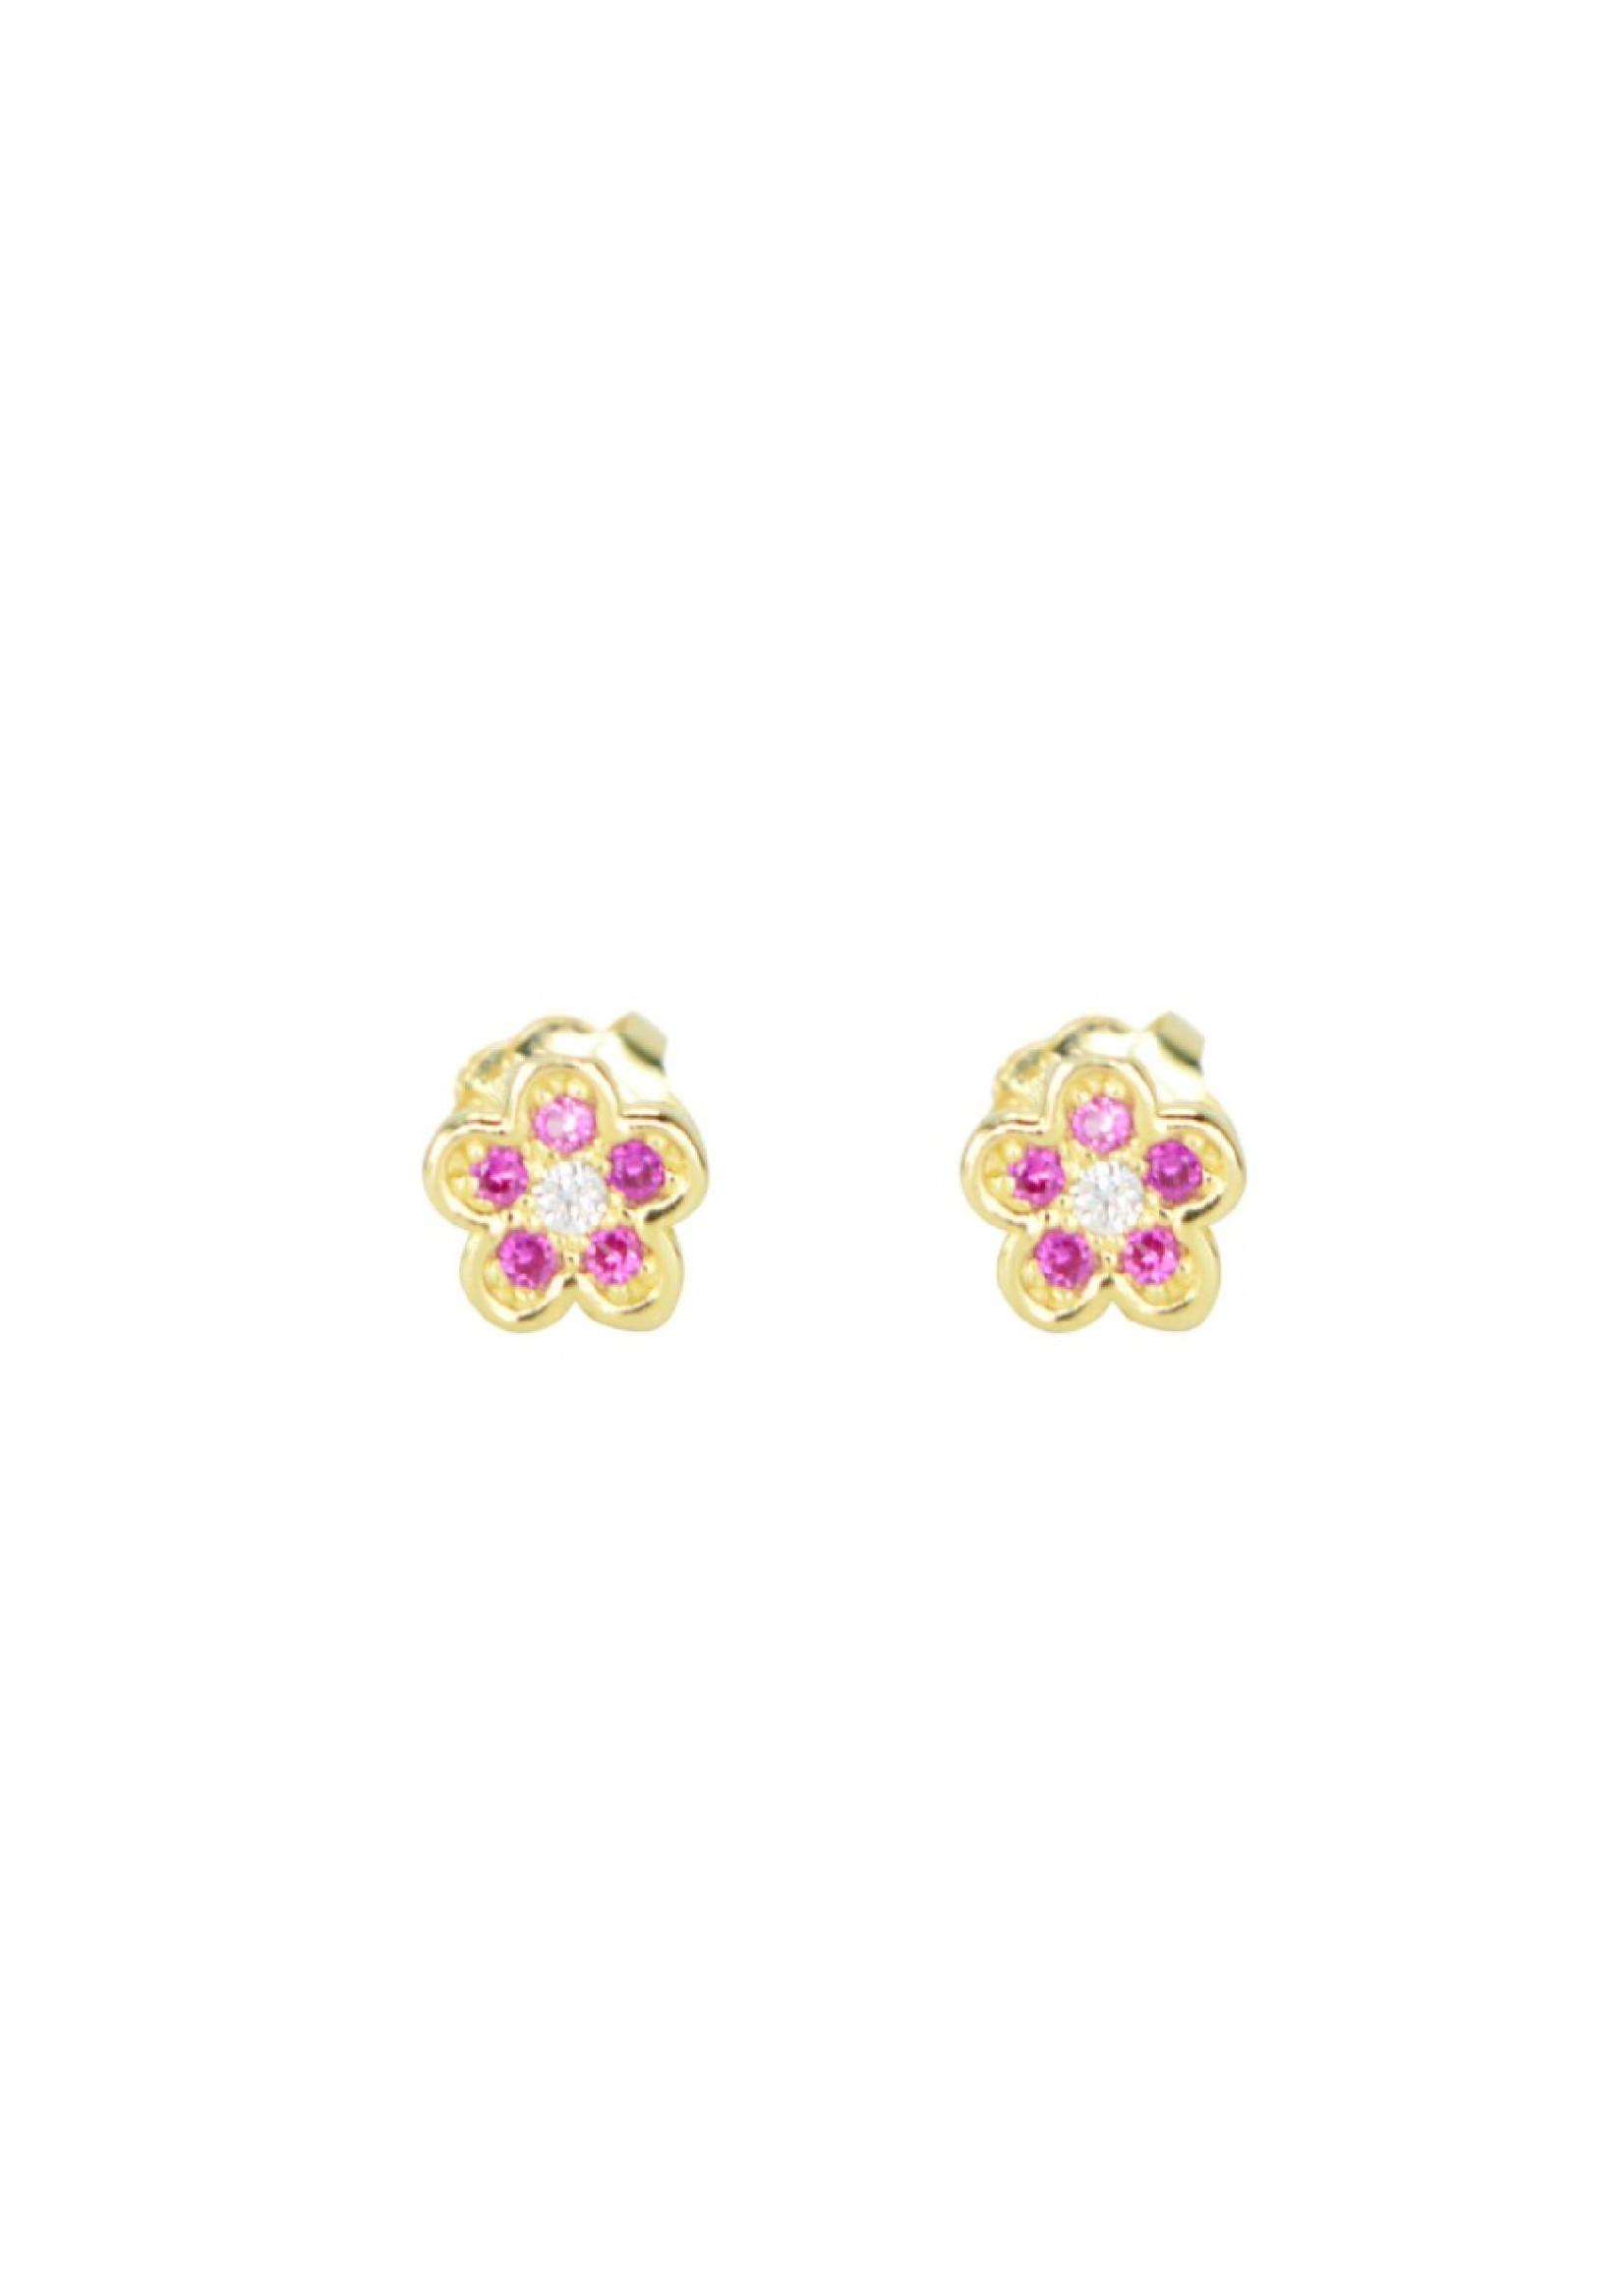 PARÉ Boucles d'oreilles pour enfants Fleurs Or 10K